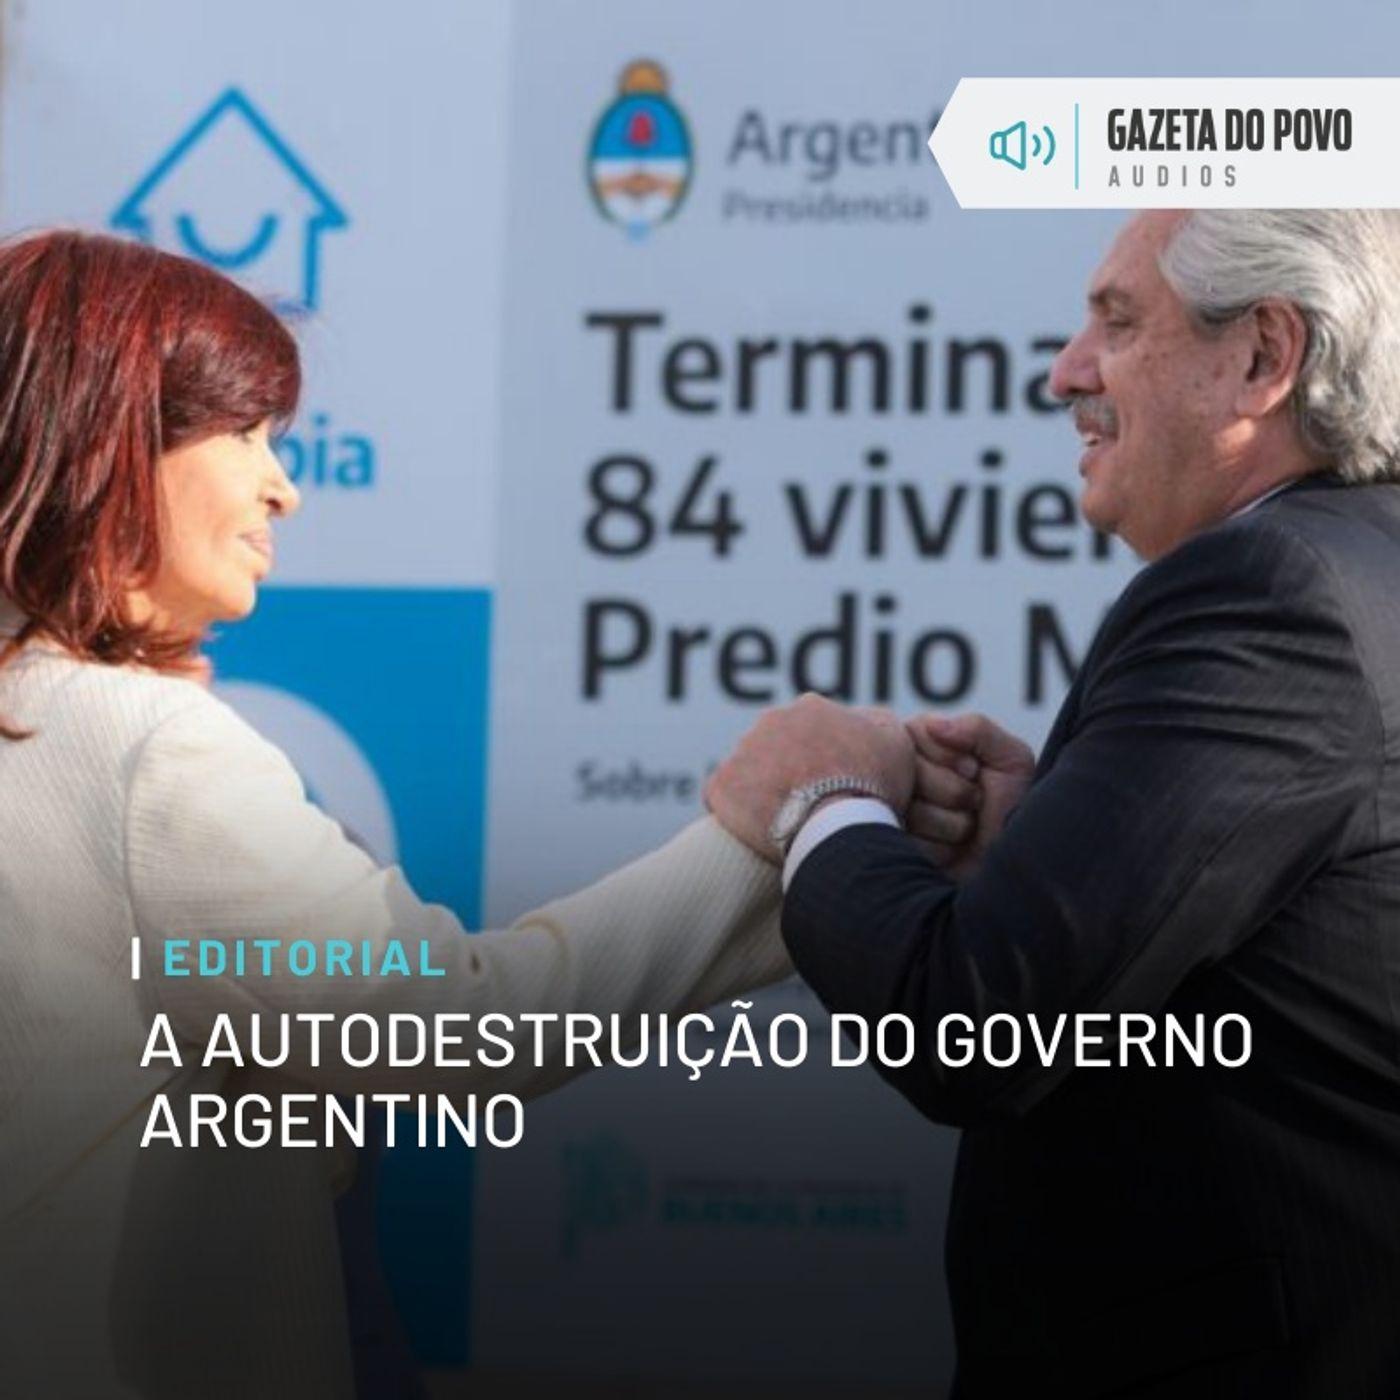 Editorial: A autodestruição do governo argentino